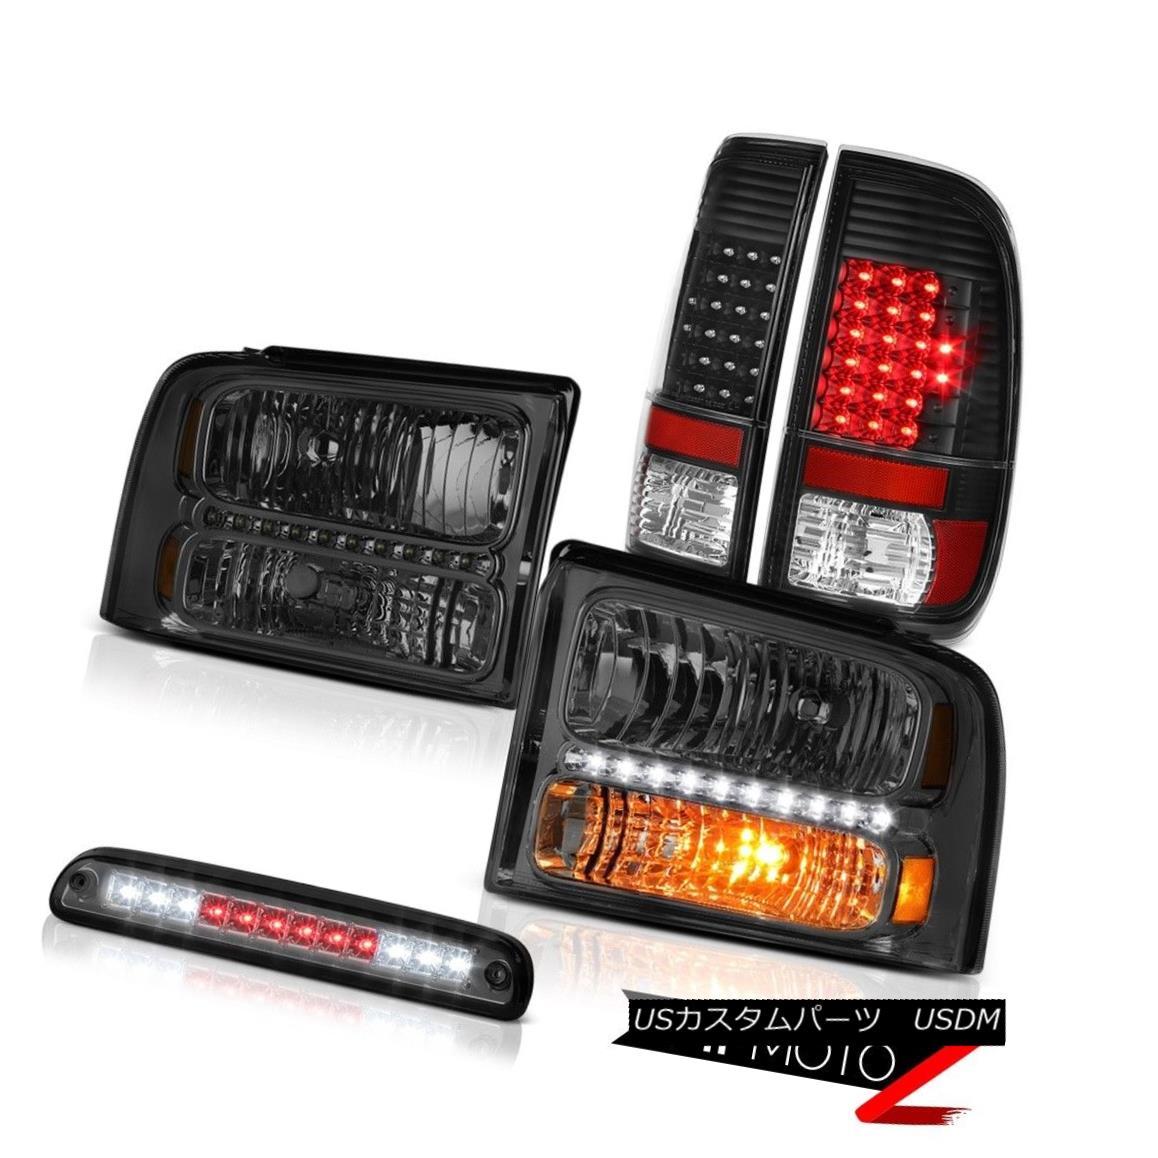 テールライト 2005-2007 F350 Outlaw Dark Smoke Headlights Matte Black Tail Light High Stop LED 2005-2007 F350アウトローダークスモークヘッドライトマットブラックテールライトハイストップLED